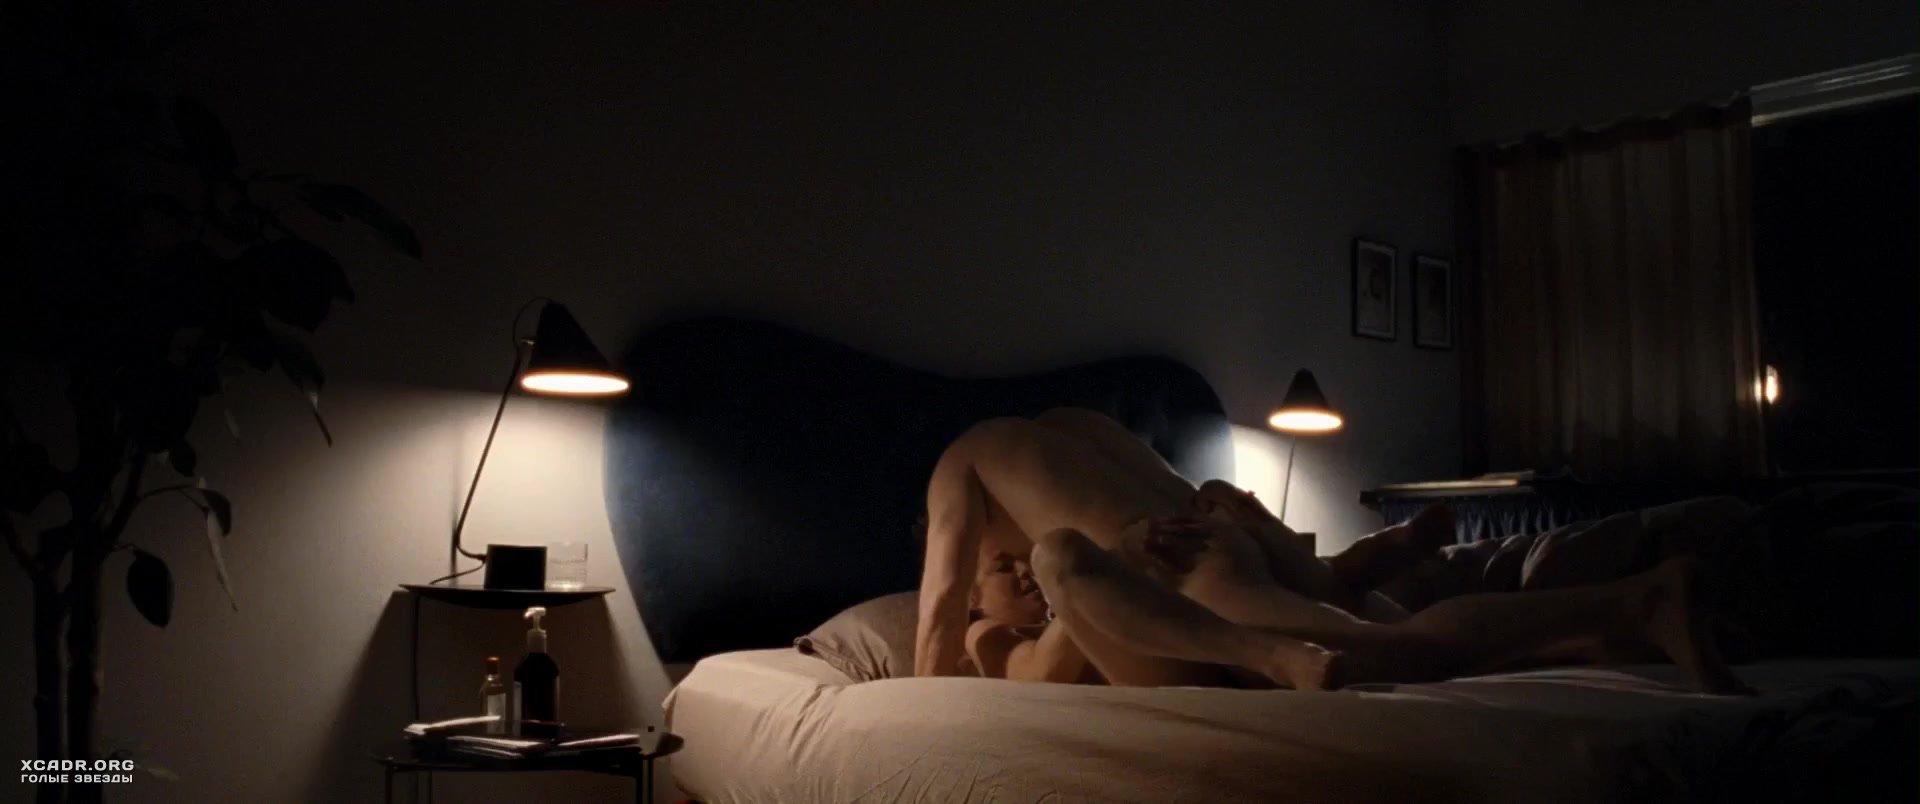 Трине Дюрхольм Делают Куннилингус – Королева Сердец (2020)